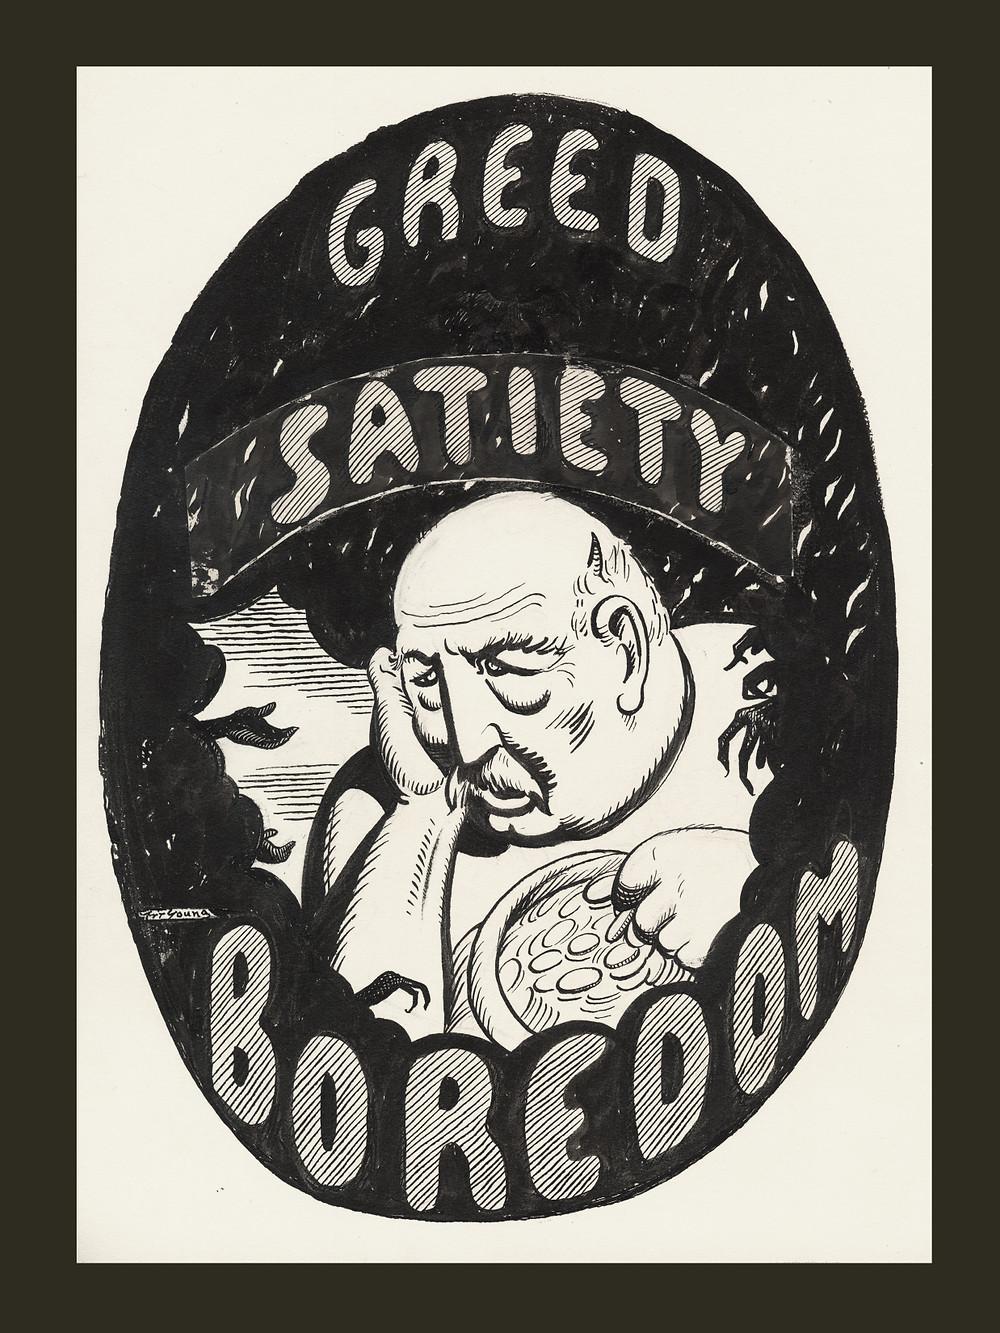 Greed satiety boredom